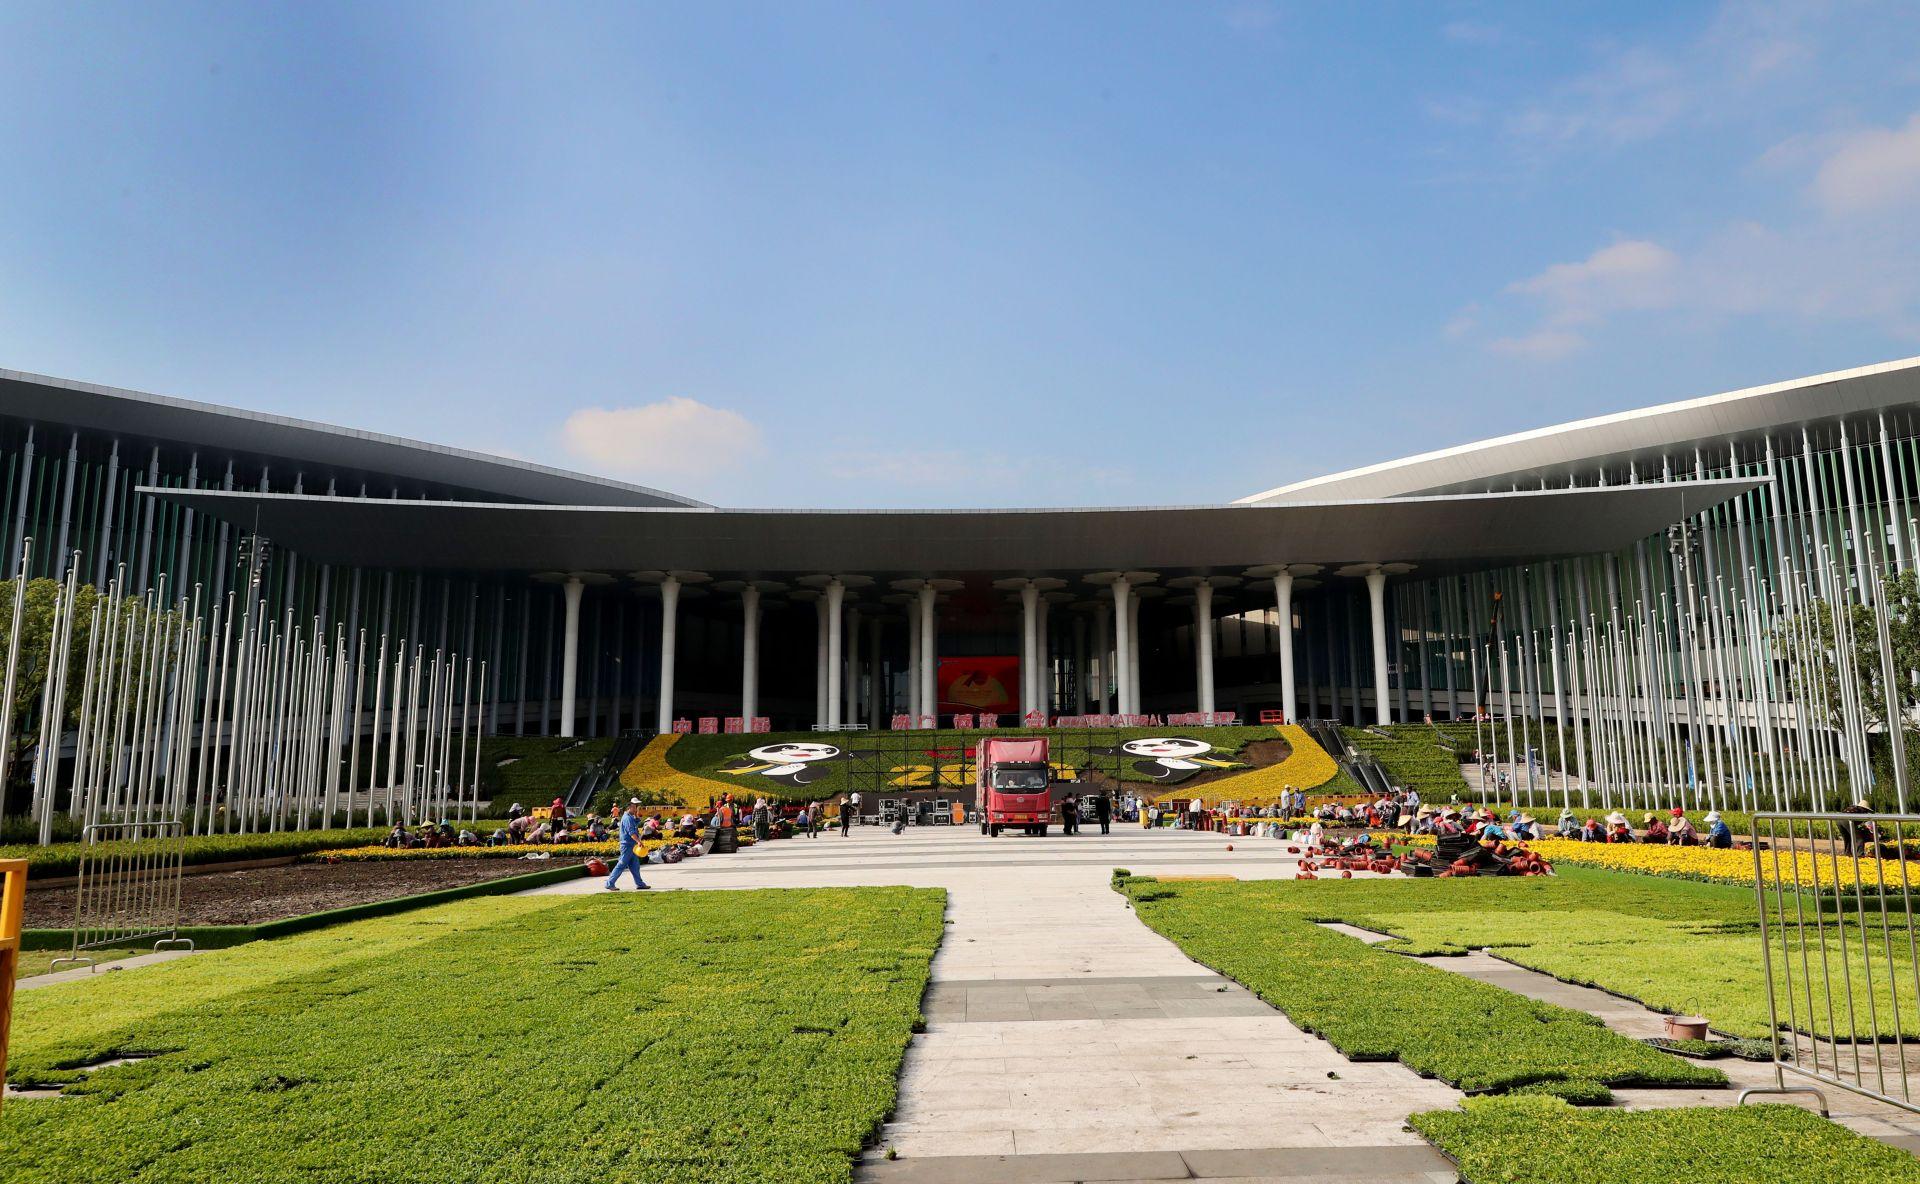 10月21日,国家会展中心(上海)南广场进博会鲜花装饰工程效果初现。 新华社记者 方喆 摄